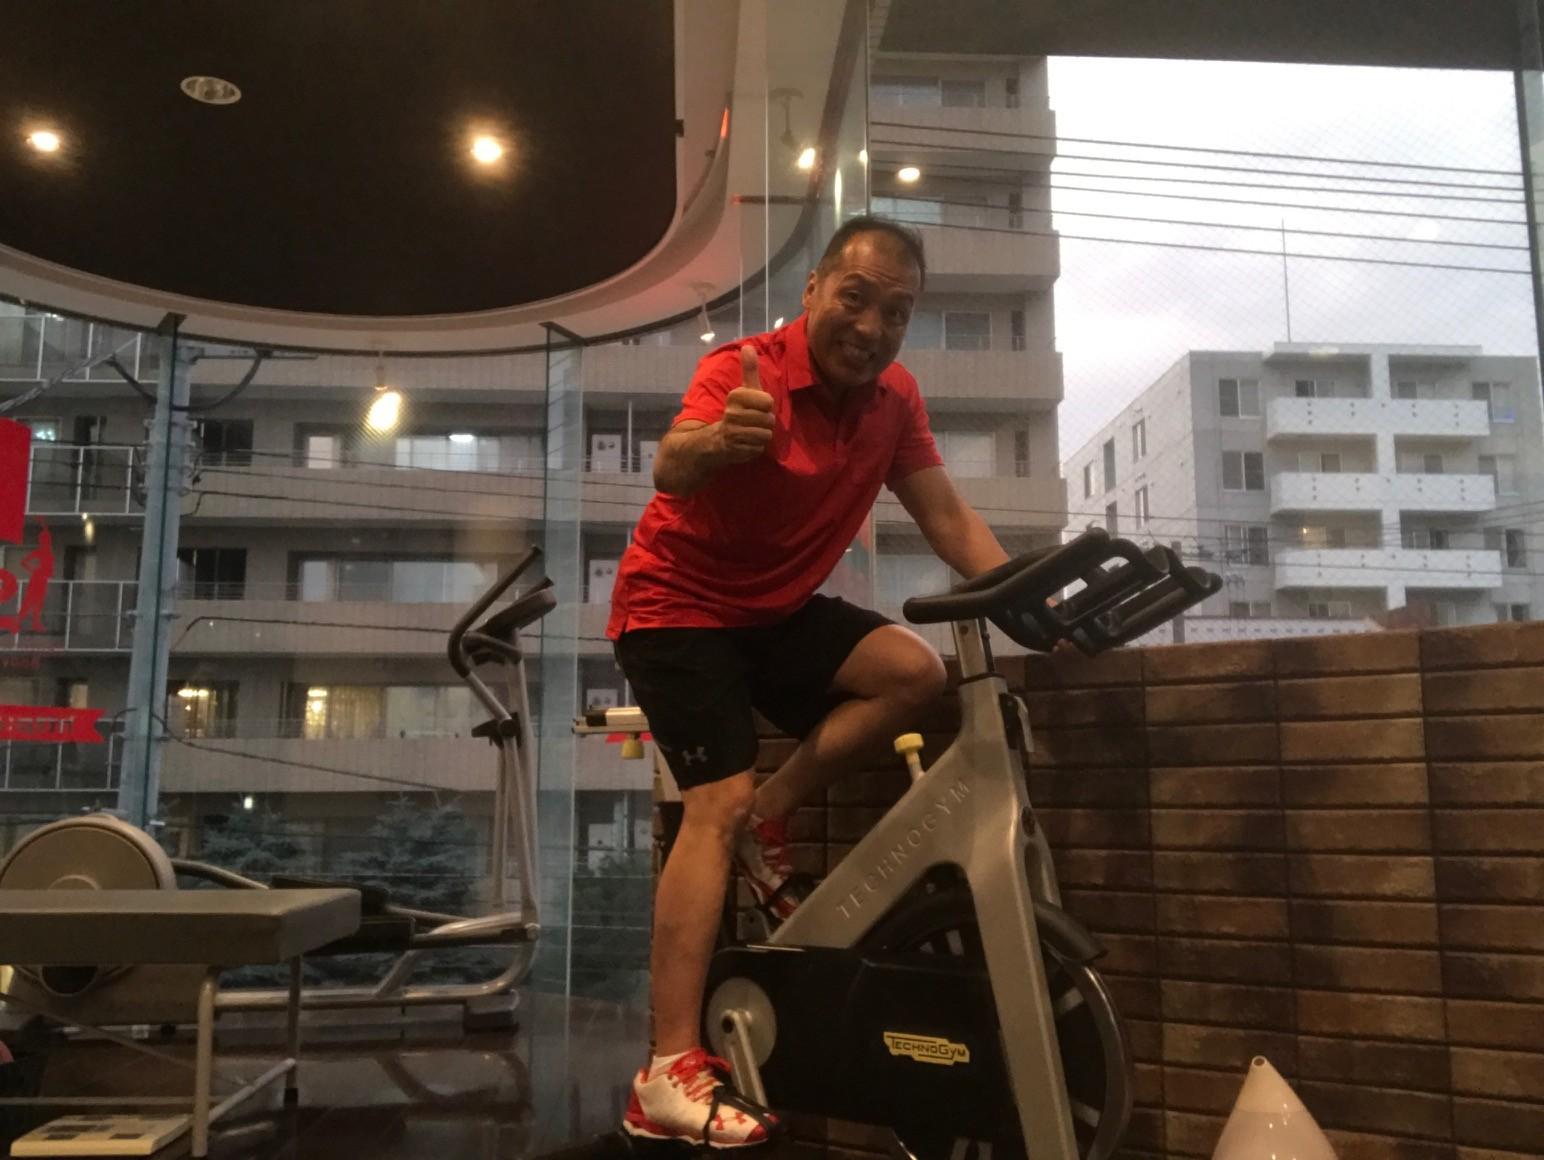 自転車でダイエット!